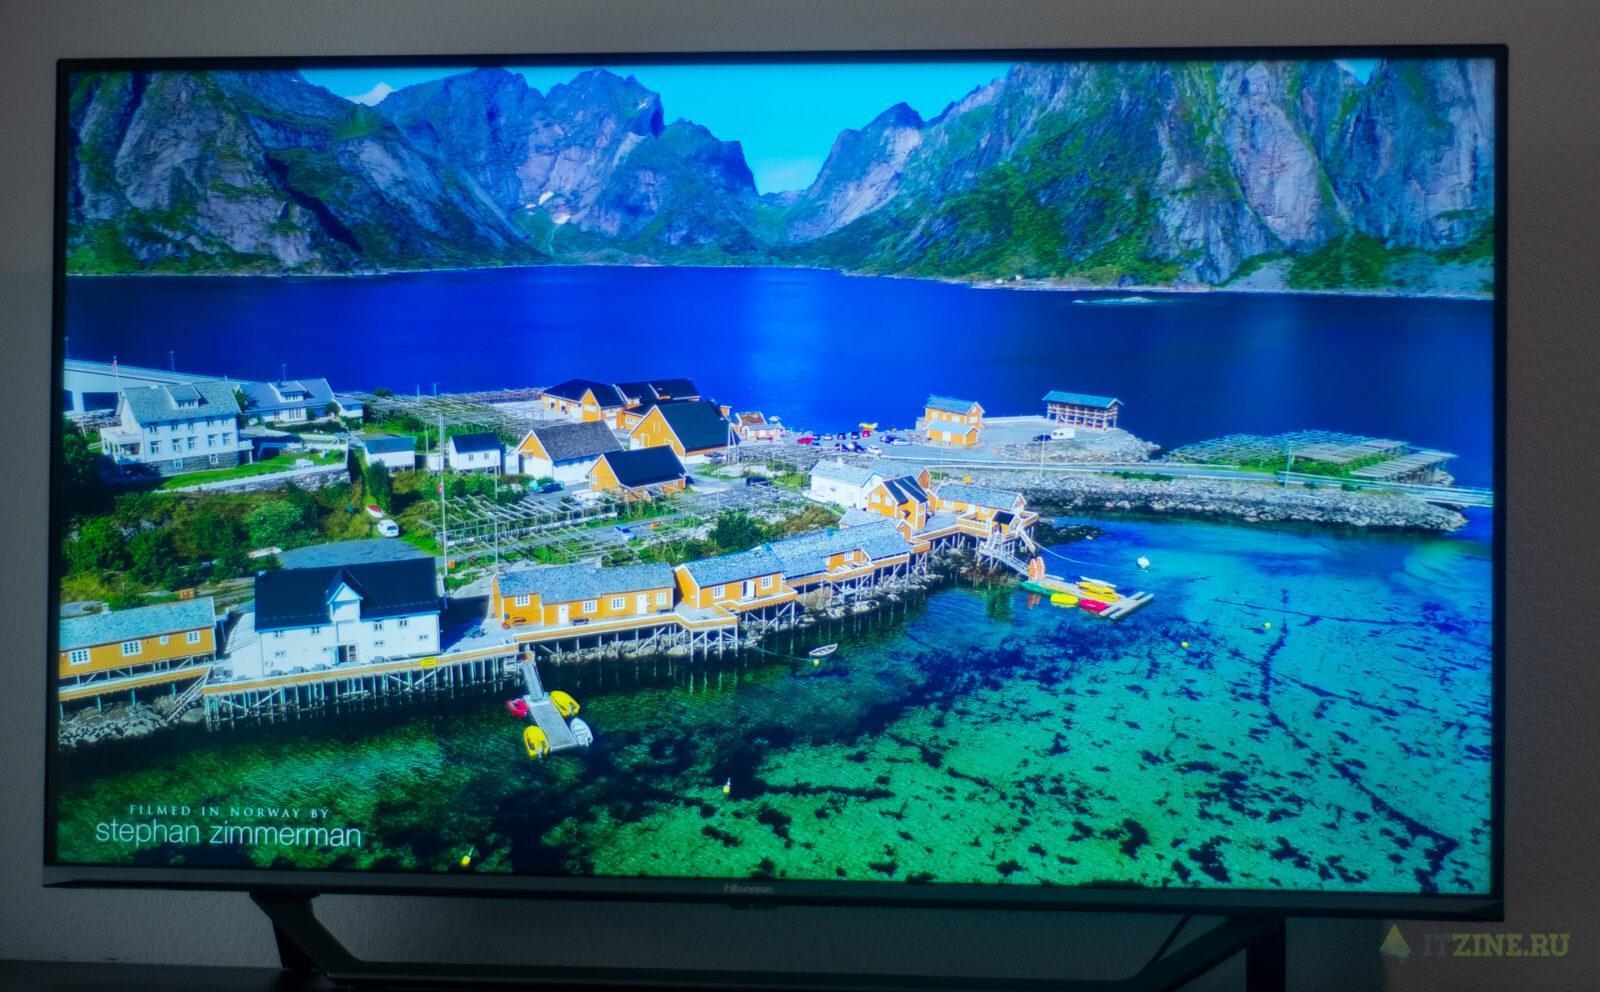 """Обзор телевизора Hisense A7500F 43"""". Выгодная покупка (Hisense TV 29)"""